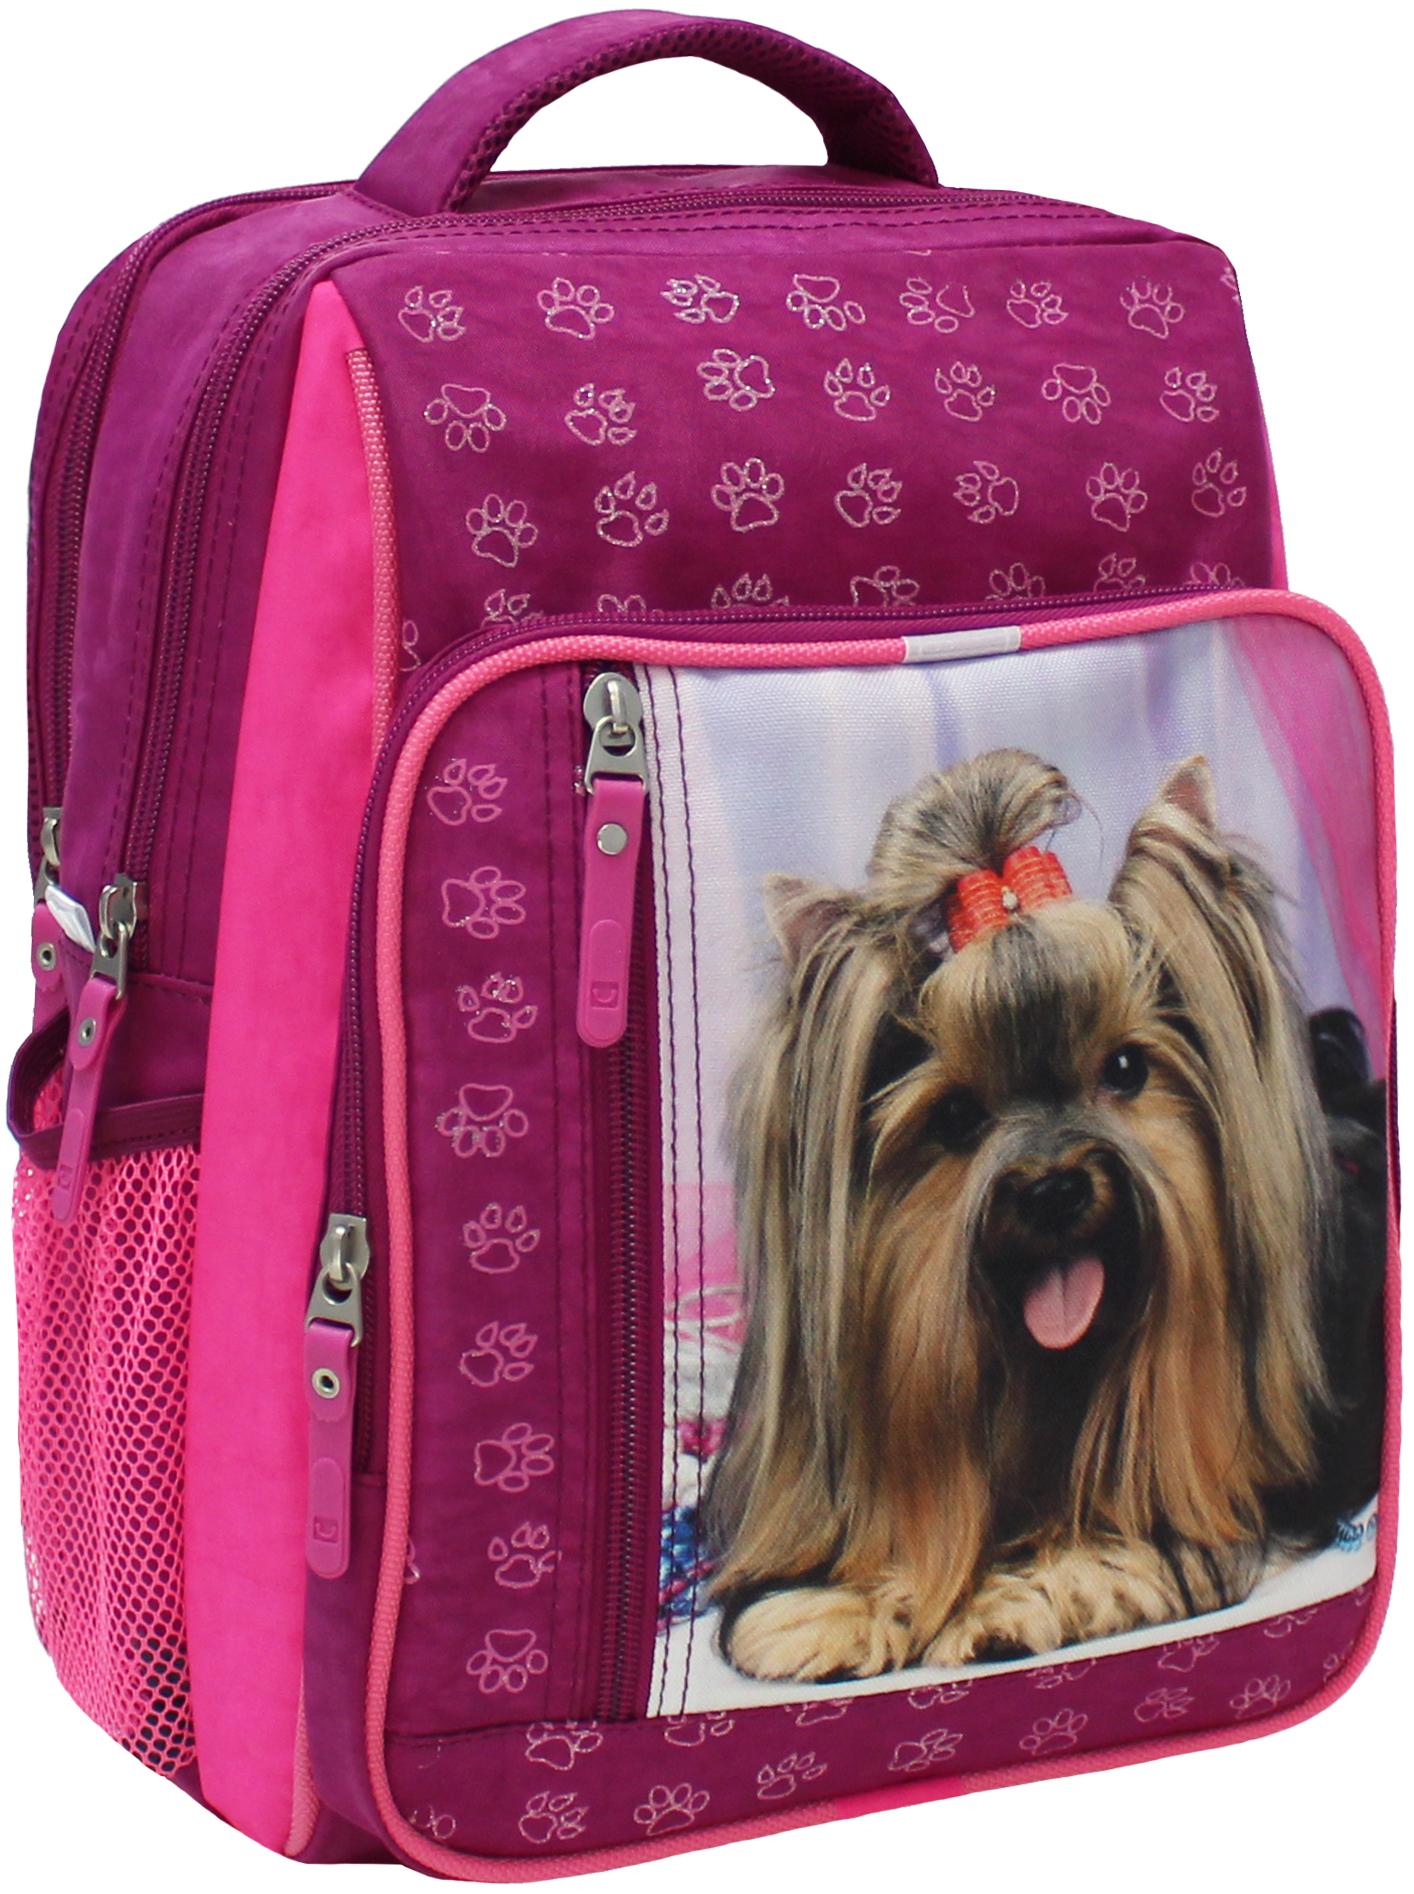 Школьные рюкзаки Рюкзак школьный Bagland Школьник 8 л. малина (собака 18) (00112702) IMG_5321.JPG